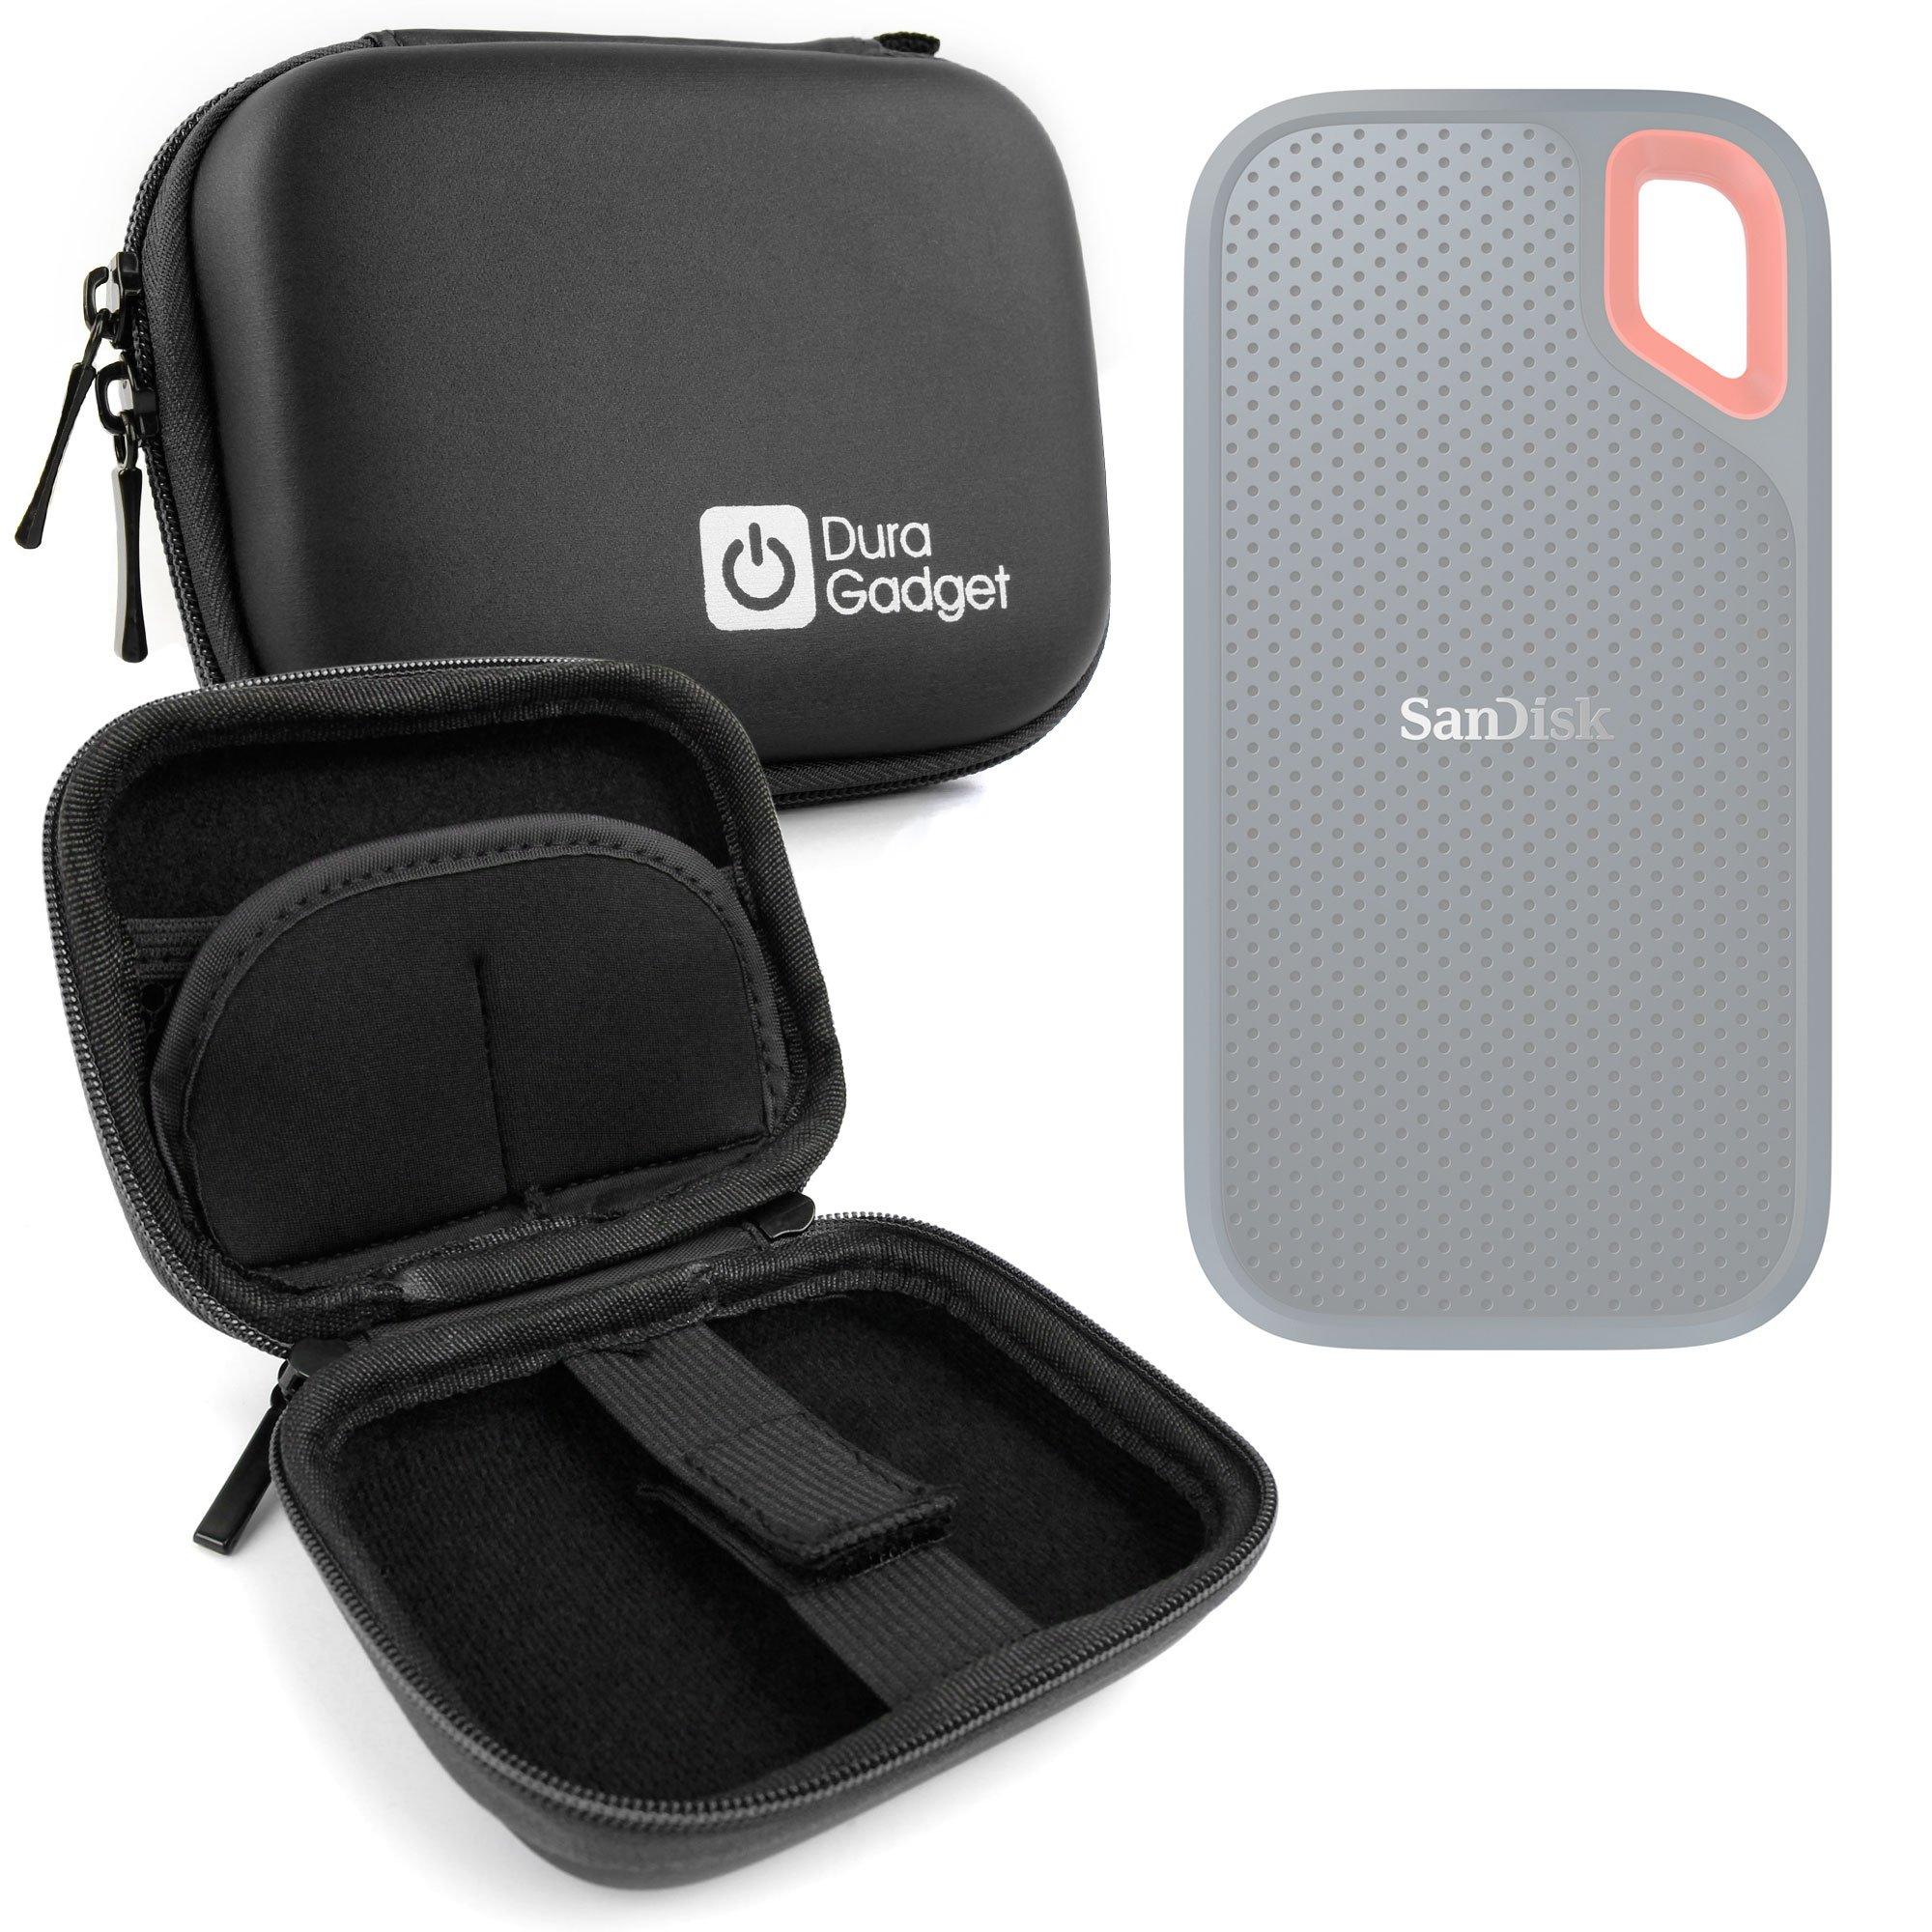 DURAGADGET Estuche Rígido Negro para Disco Duro Externo Sandisk Extreme Portable SSD 1 TB SDSSDE60-1T00-G25 2 TB, 250G, 500 GB: Amazon.es: Electrónica